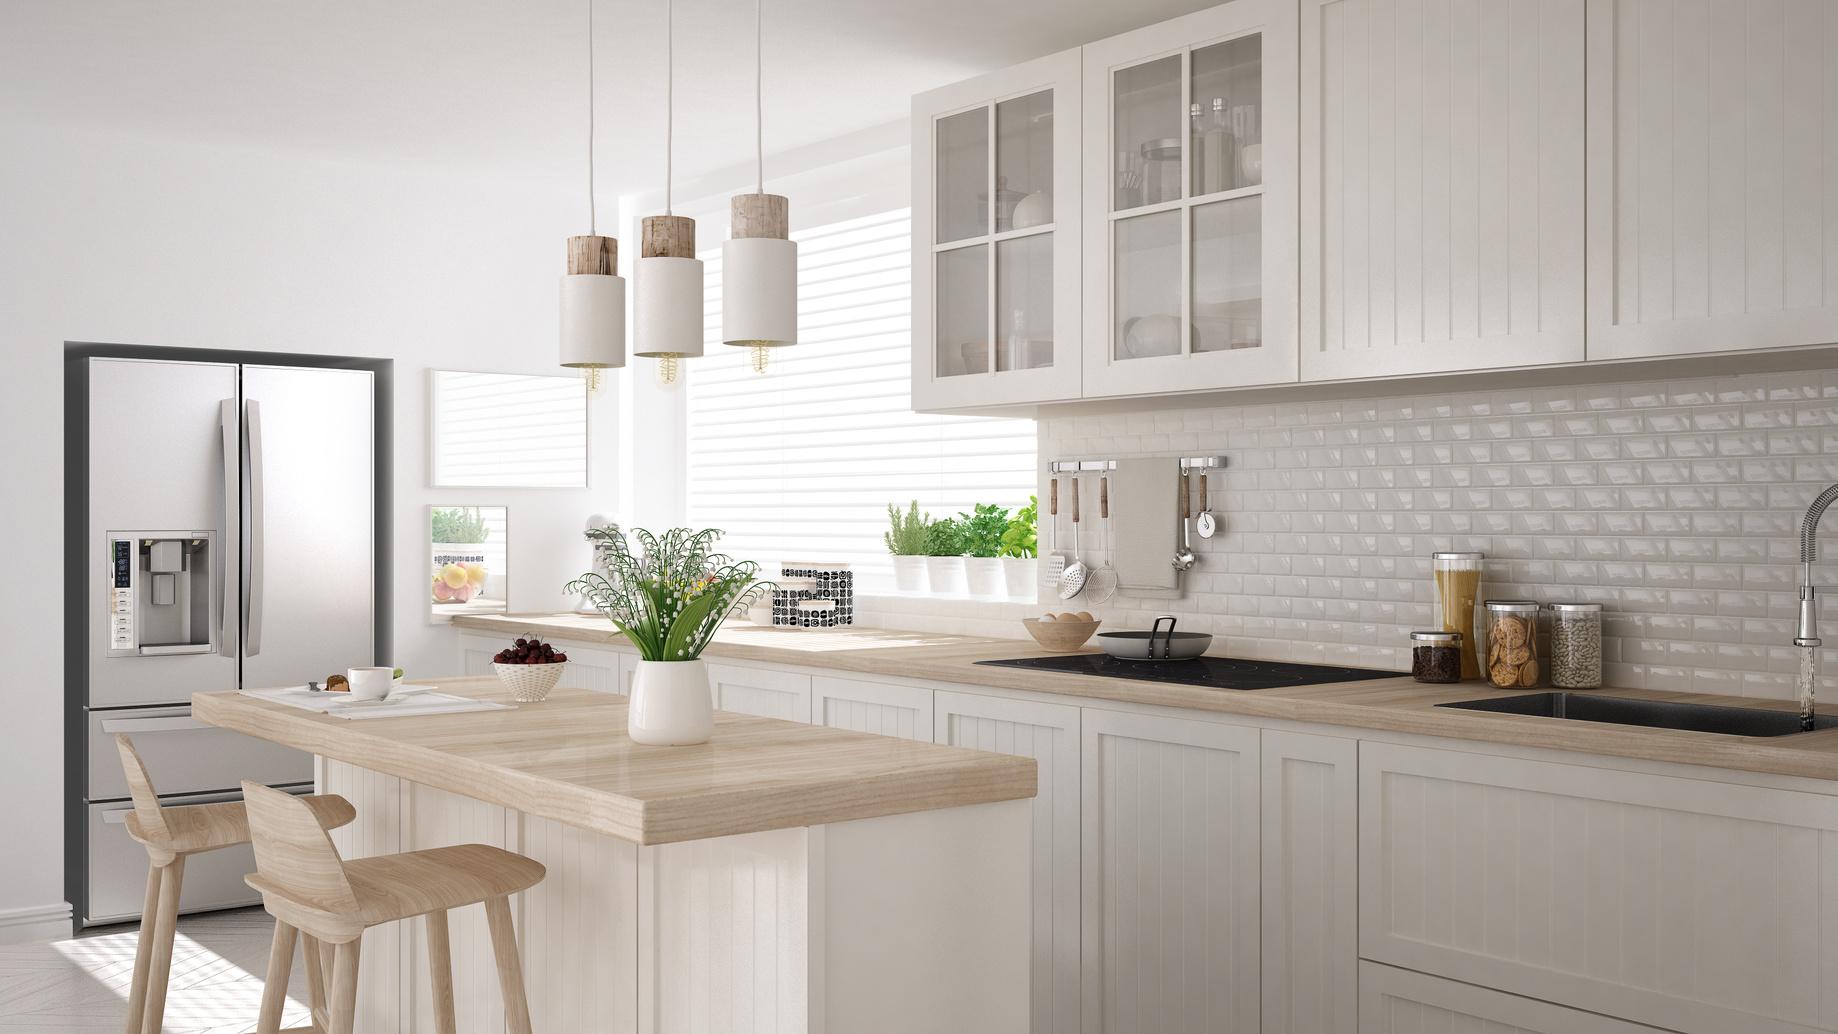 Santé: «Le choix des matériaux de construction est un des éléments clés pour obtenir une bonne qualité de l'air dans son logement»